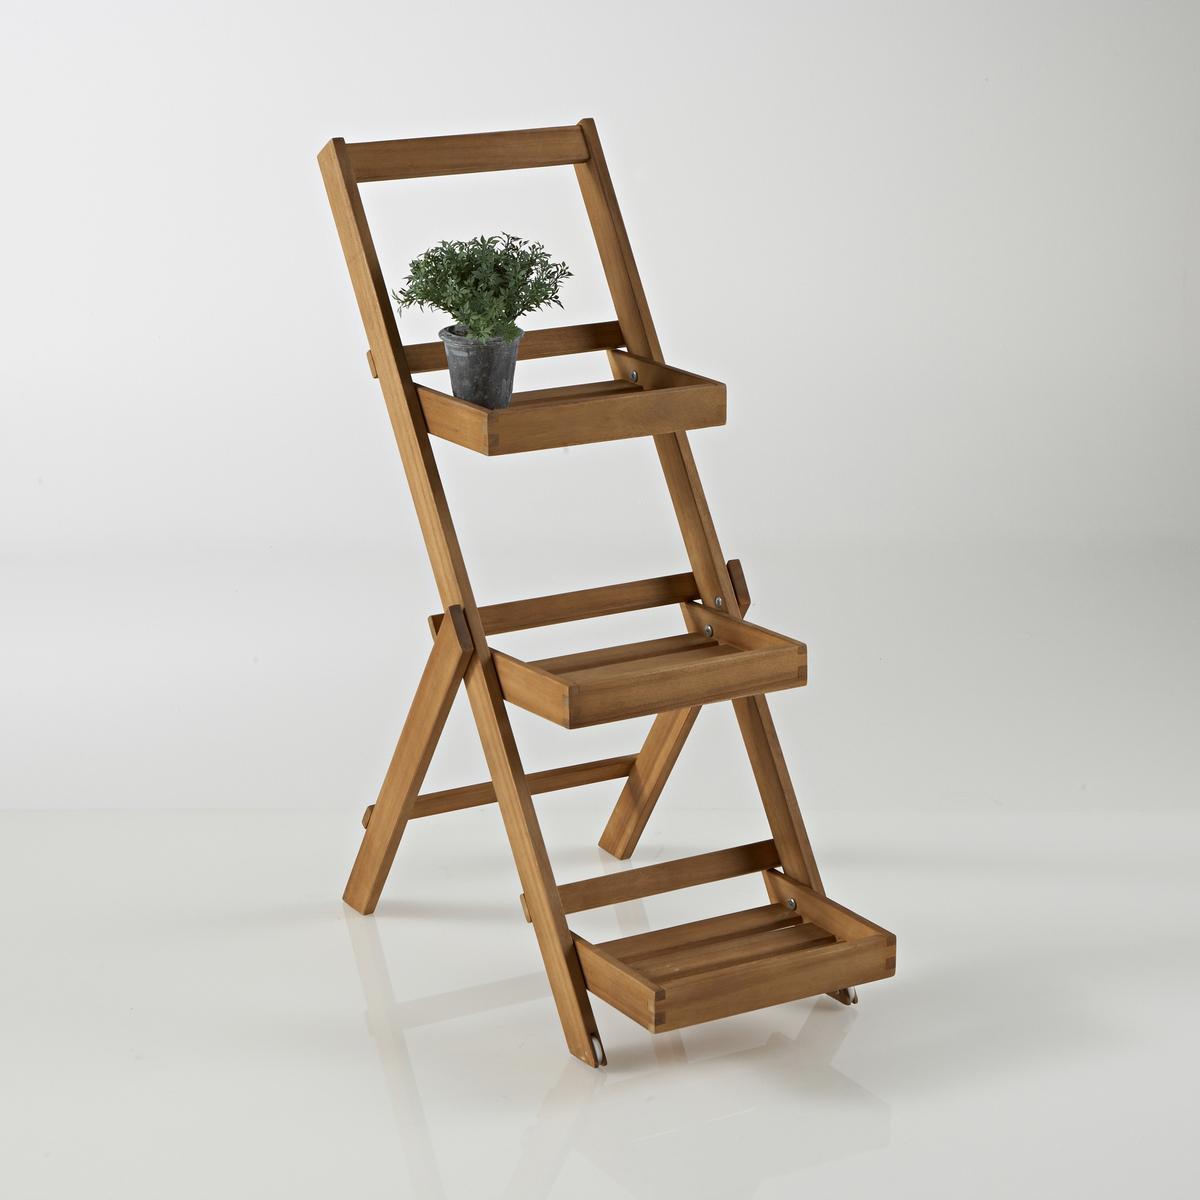 Этажерка 3-уровневая для сада из акации3-уровневая этажерка для сада из акации. Незаменима в саду или на террасе, на этой 3-уровневой этажерке легко можно расположить растения и предметы декора !Описание этажерки для сада :Цвет тикового дерева3 уровняПоставляется в разобранном виде.Характеристики этажерки для сада :Из акации Другие модели этой коллекции вы можете найти на сайте laredoute.ruРазмеры этажерки для сада :Общие размеры :Длина : 35 смВысота : 85 смГлубина : 65 смПолезные размеры : Этажерка : Ш.22,5 x В.4,5 x Г.25,8 смВес: 4 кгДоставка:  Возможна доставка до квартиры по предварительной договоренности! Внимание! Убедитесь, что посылку возможно доставить в дом, учитывая ее габариты.<br><br>Цвет: акация